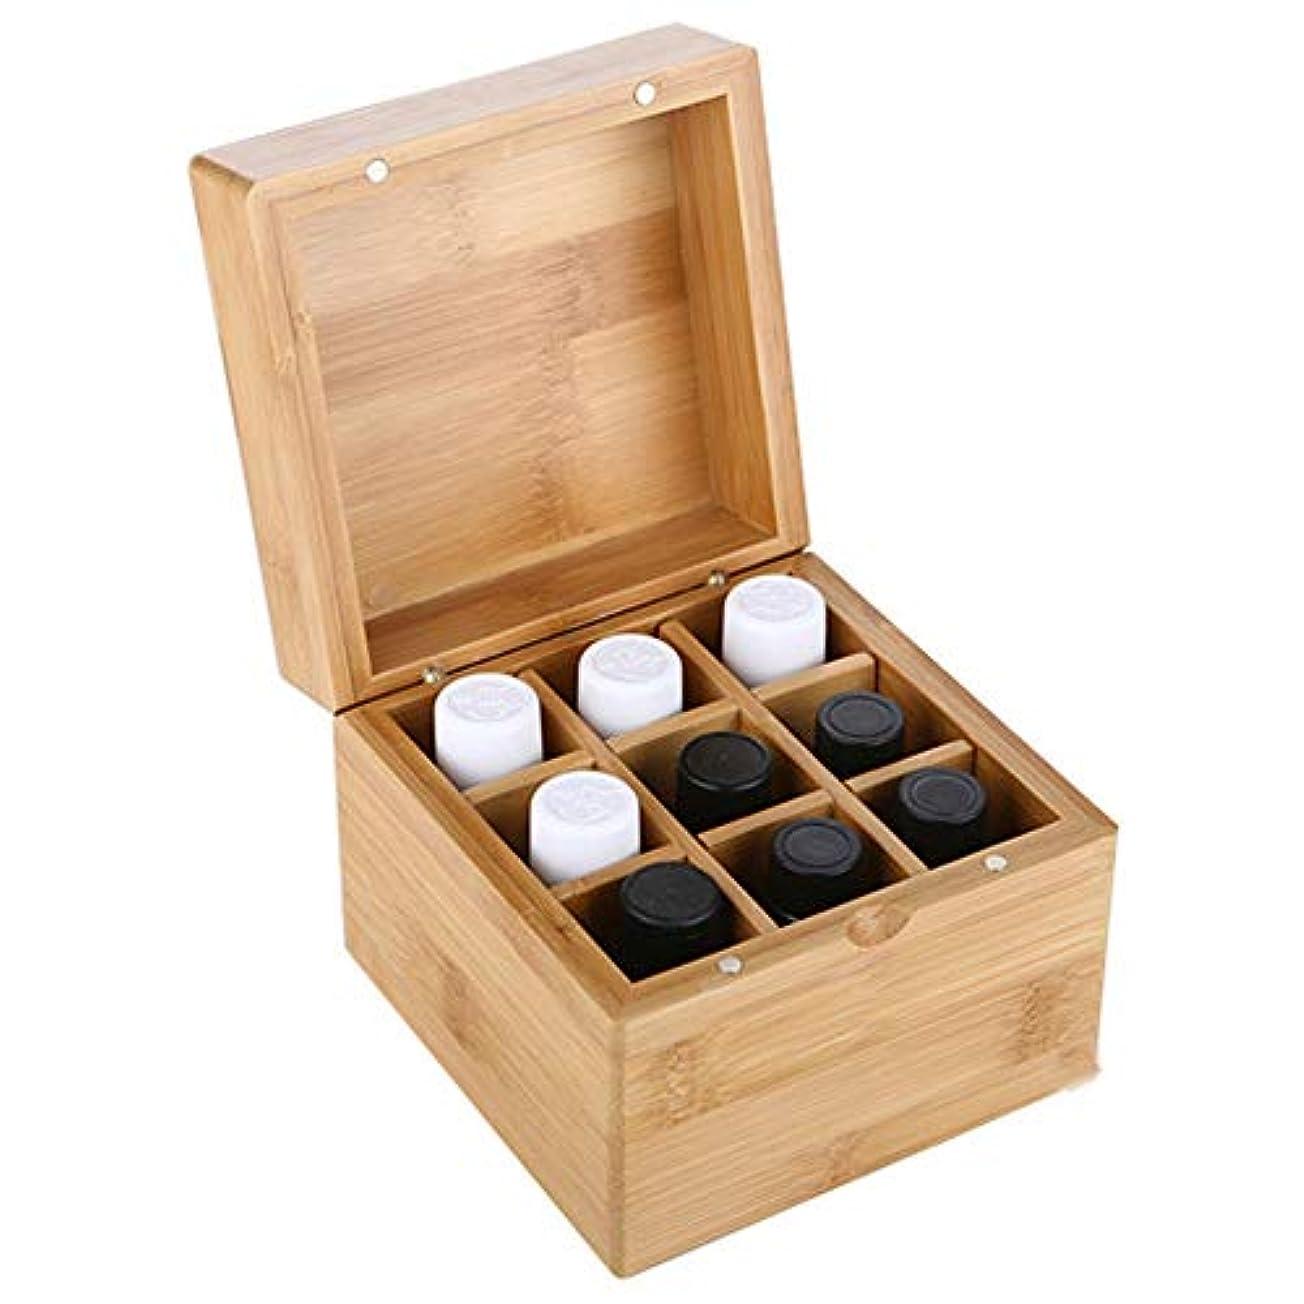 海ピアニストつま先9スロットエッセンシャルオイルボックス木製収納ケースは、あなたの油安全保護さを保つ保護します アロマセラピー製品 (色 : Natural, サイズ : 11.5X11.5X8.3CM)